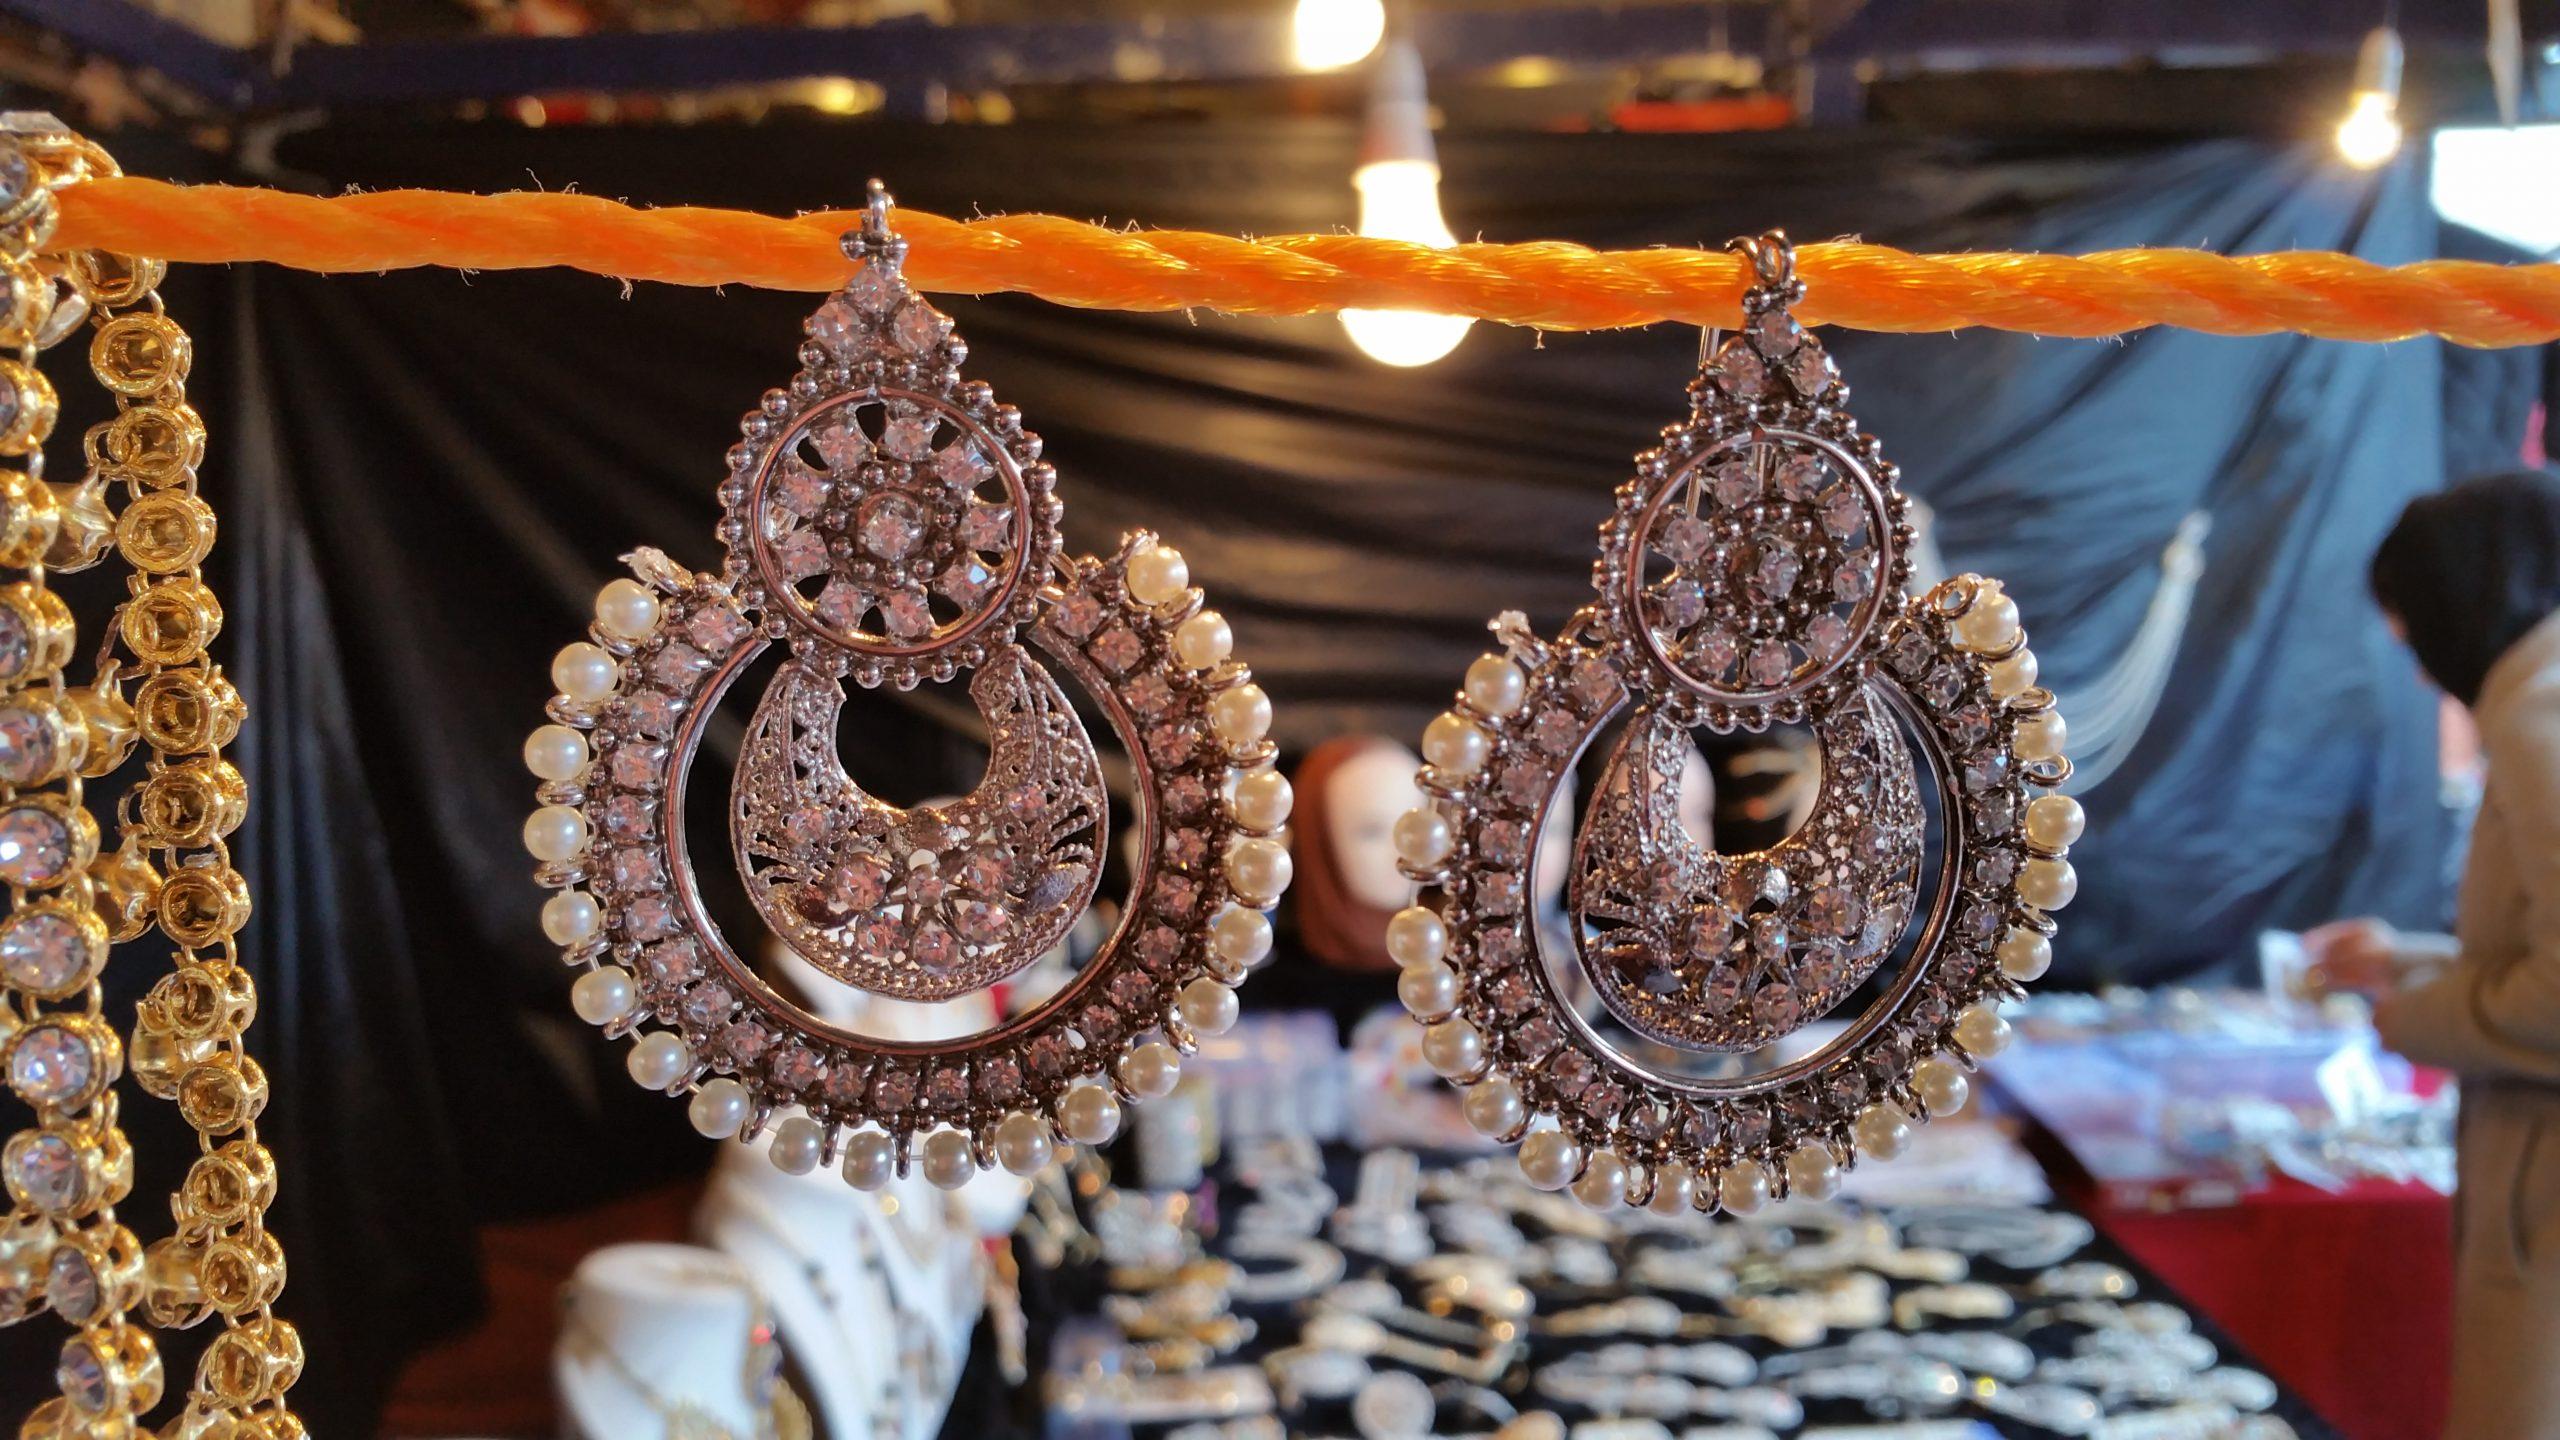 Party earrings - Fashion earrings - golden earrings - mehndi earrings - bridal earrings - wedding earrings - party earrings - wholesale Pakistani jewellery - bespoke Pakistani jewellery